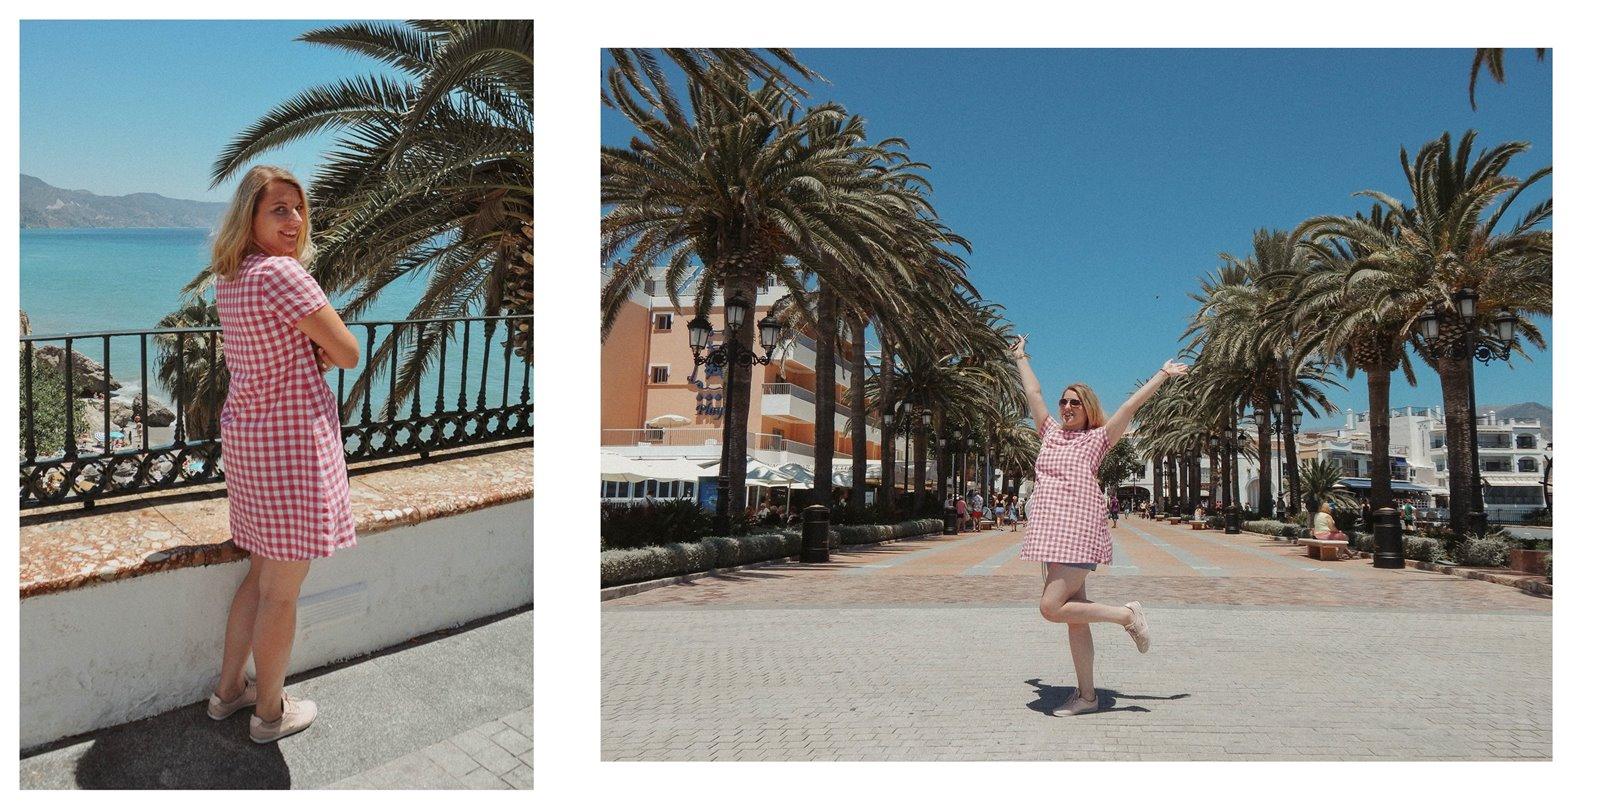 6b sukienka dziewczęca krata ubrania dla mam i córek krata różowa sukienka trapez 100% handmade polskie marki wspieram polskie nosze blog modowy melodylaniella fashion beauty style łódź nerja hiszpania co zobaczyć